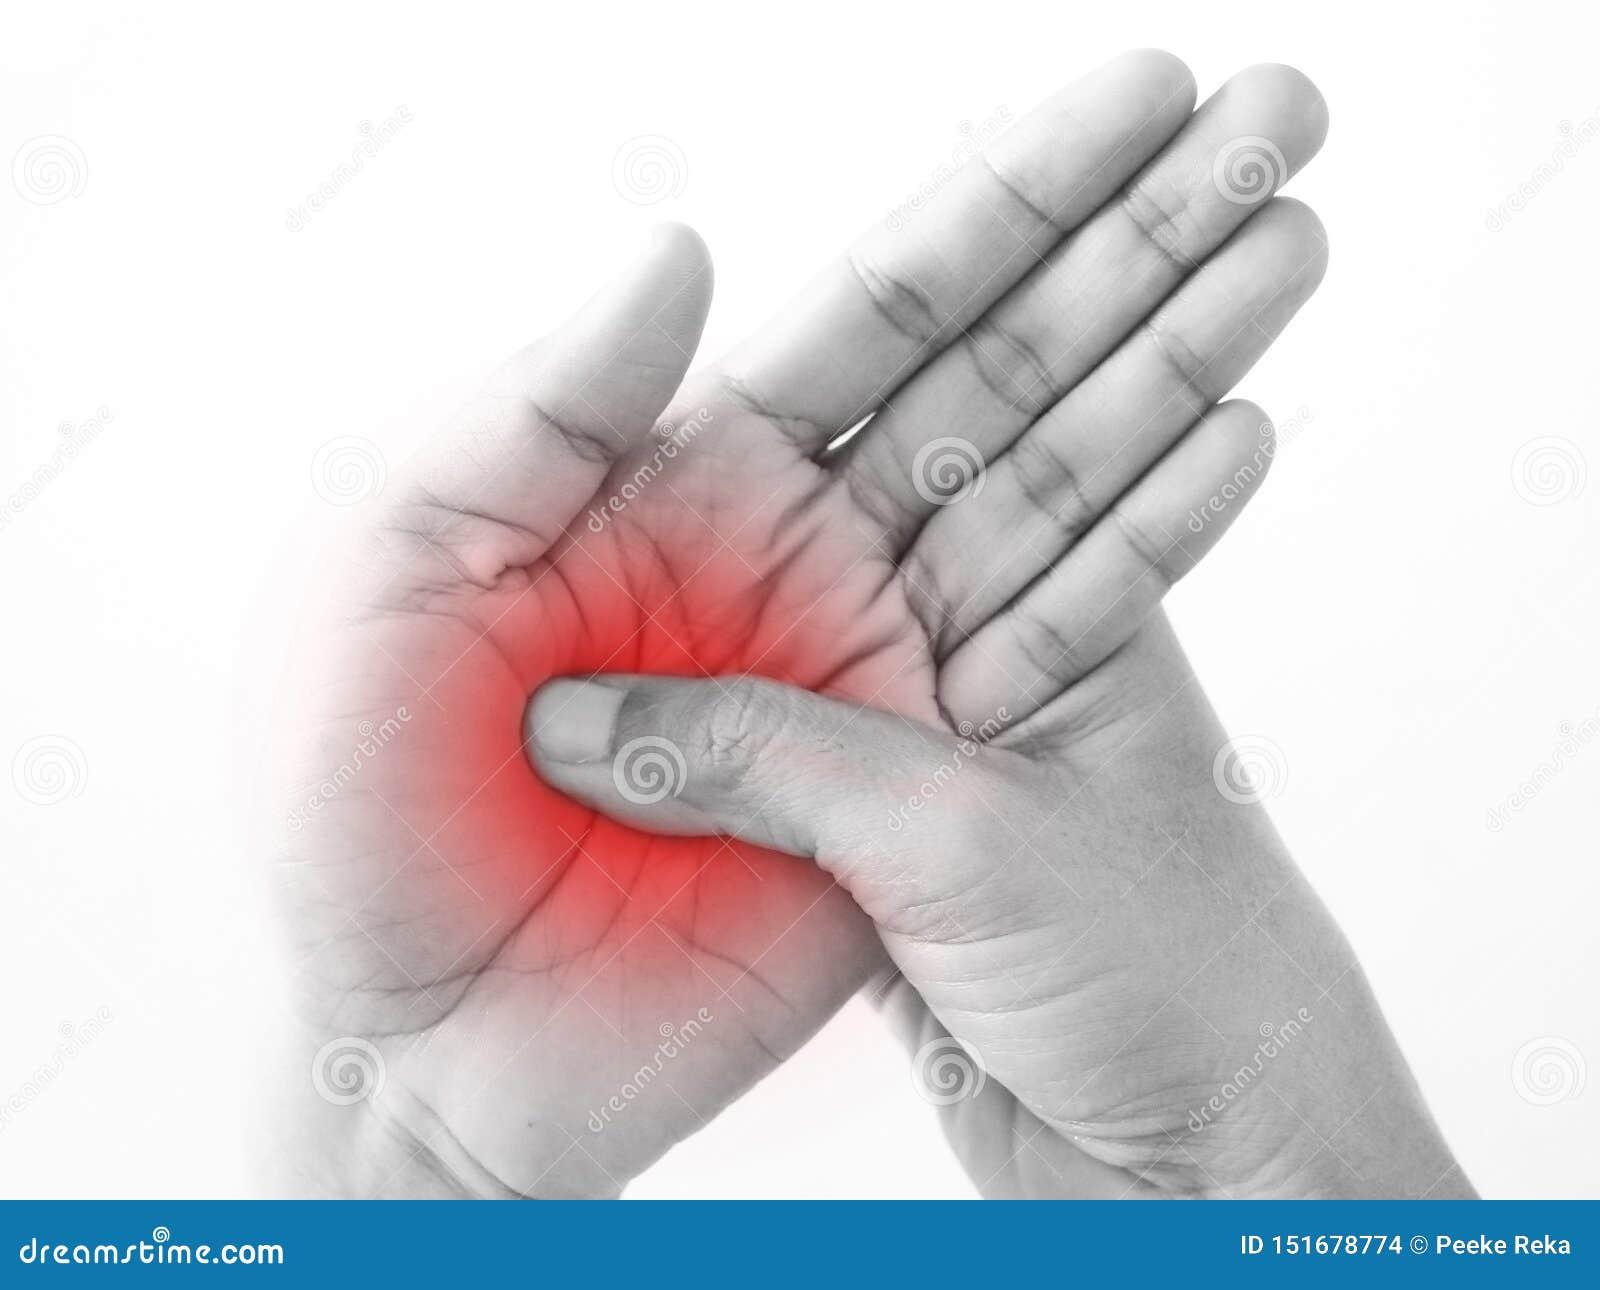 Παλάμες τραυματισμών χεριών από τη περιφερειακή νευροπάθεια εργασίας